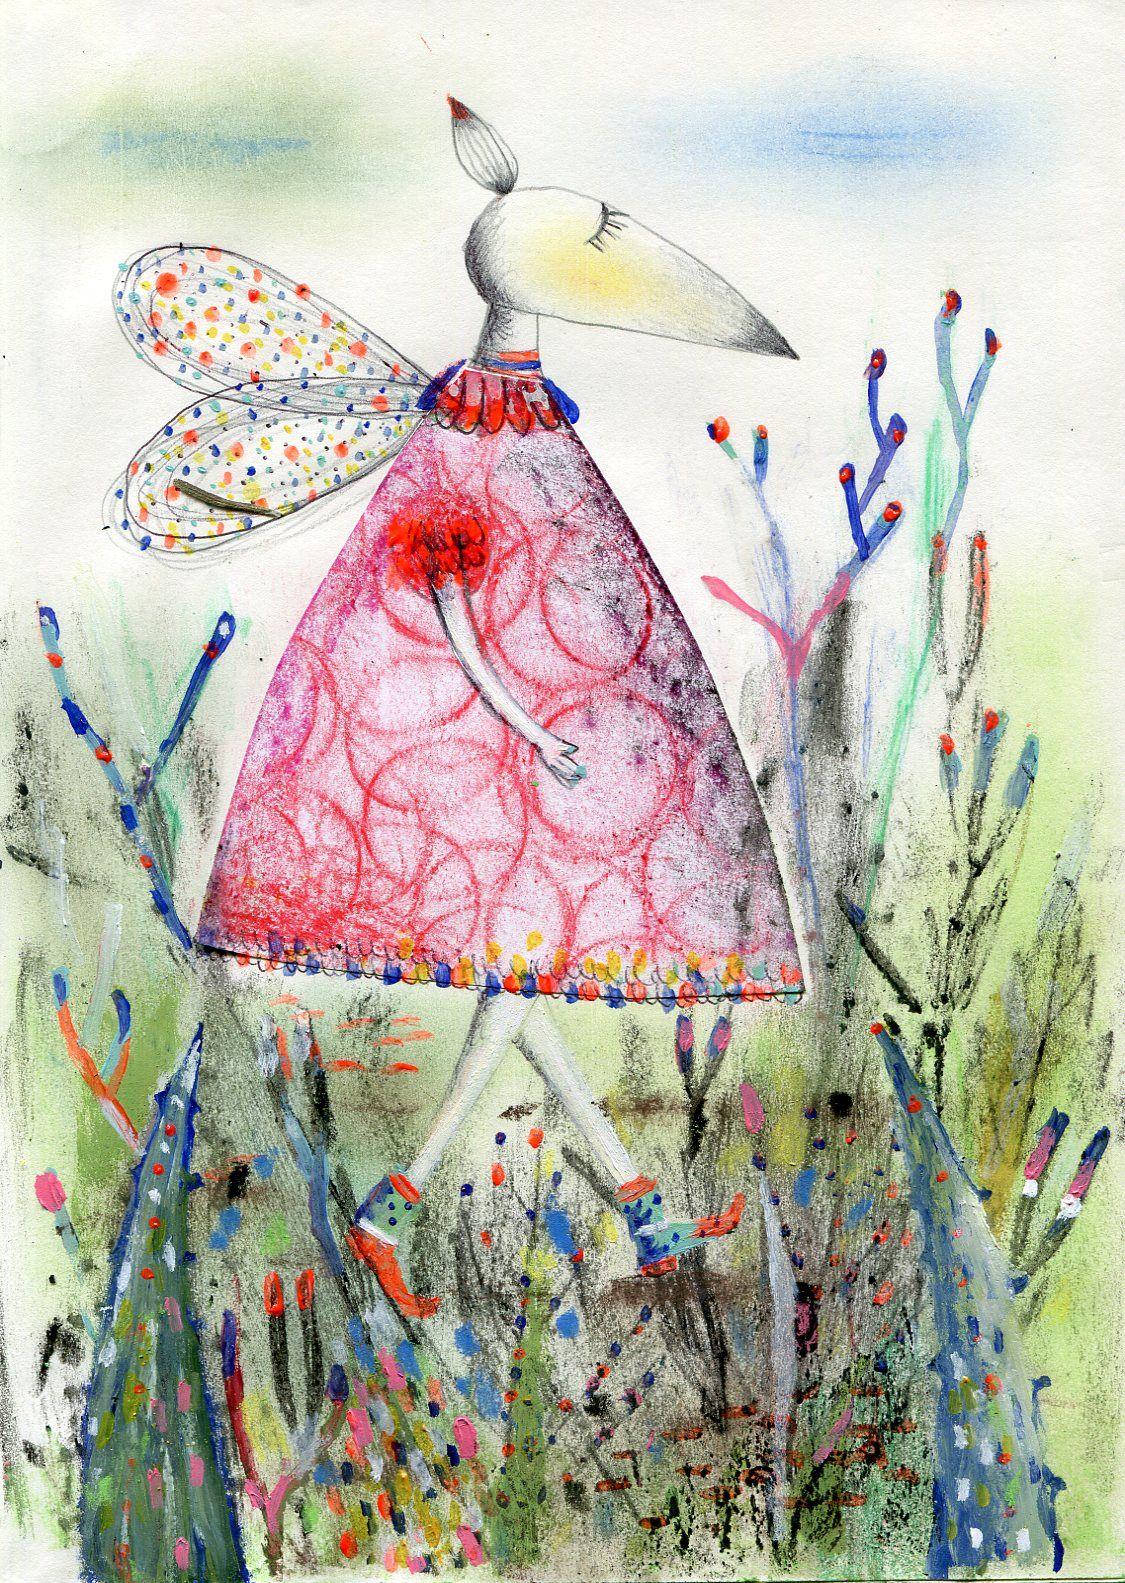 De paseo. Frottage y collage sobre papel ©MirellaMusri